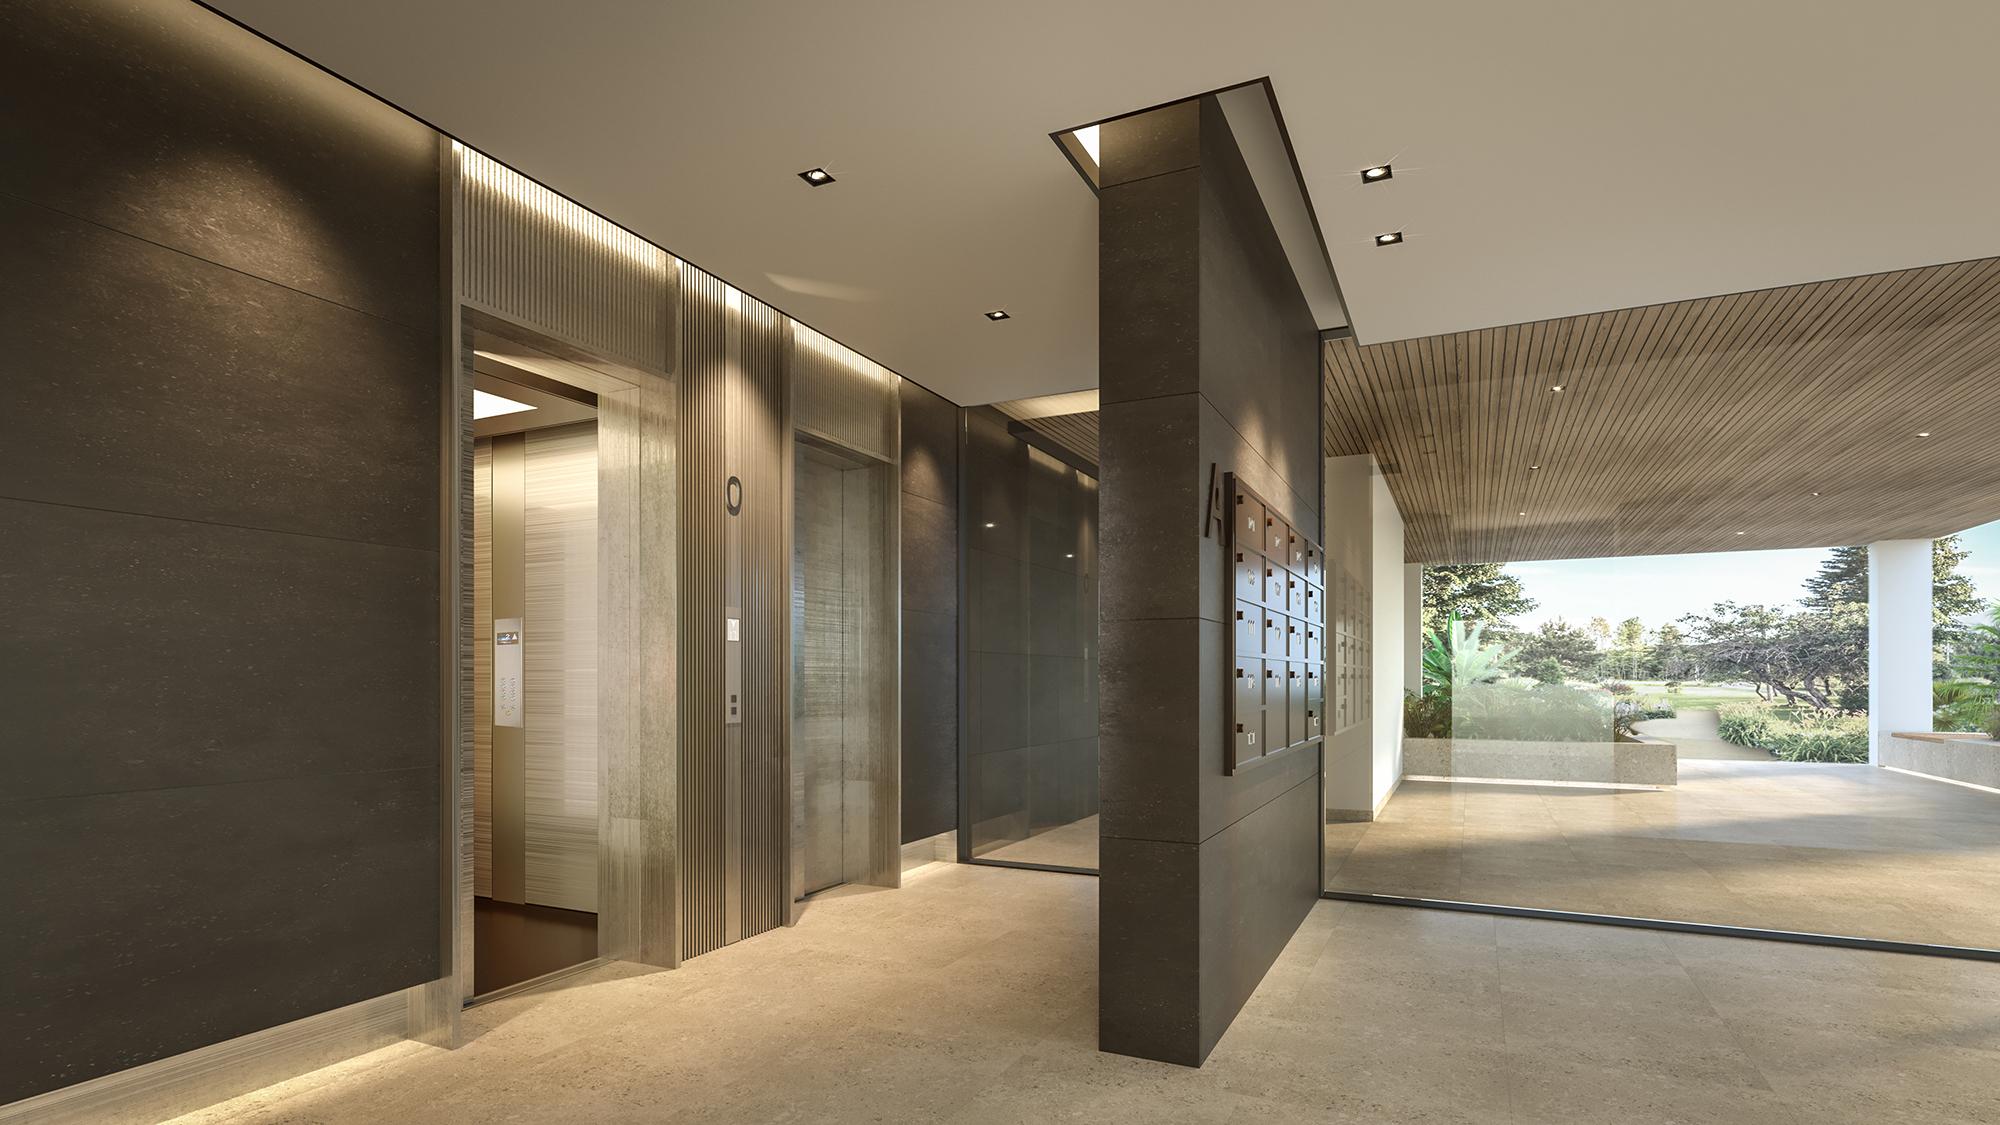 milara-srl-gruppo-postiglione-societa-di-costruzioni-e-vendita-appartamenti-immobili-residenziali-commerciali-cr30-porta-del-mare-ex-marzotto-spazi-comuni-ascensore